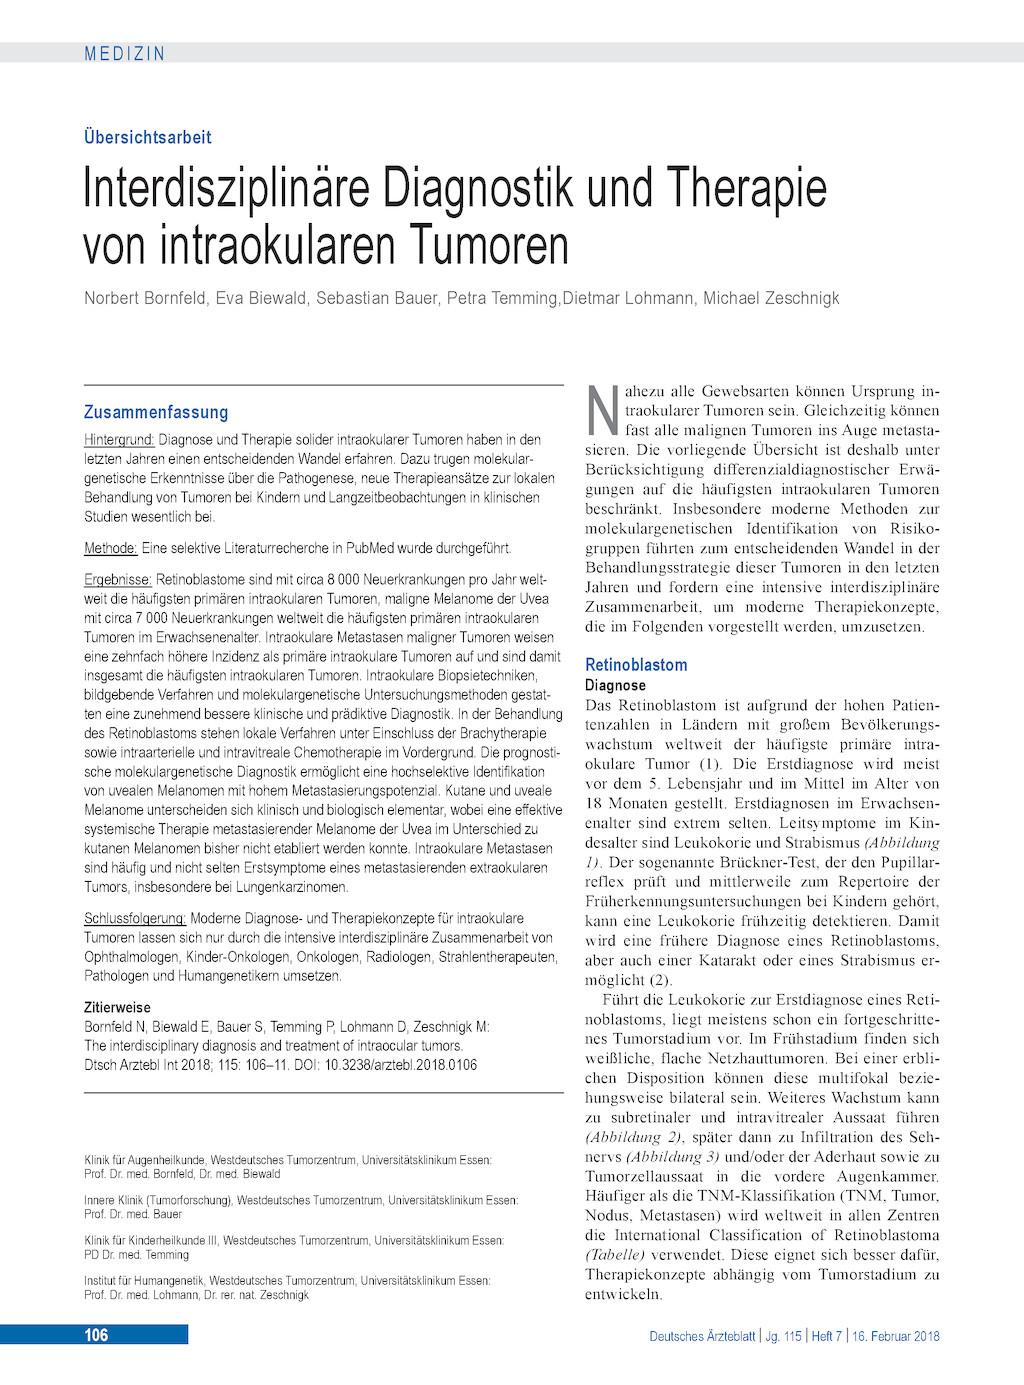 Interdisziplinäre Diagnostik Und Therapie Von Intraokularen Tumoren